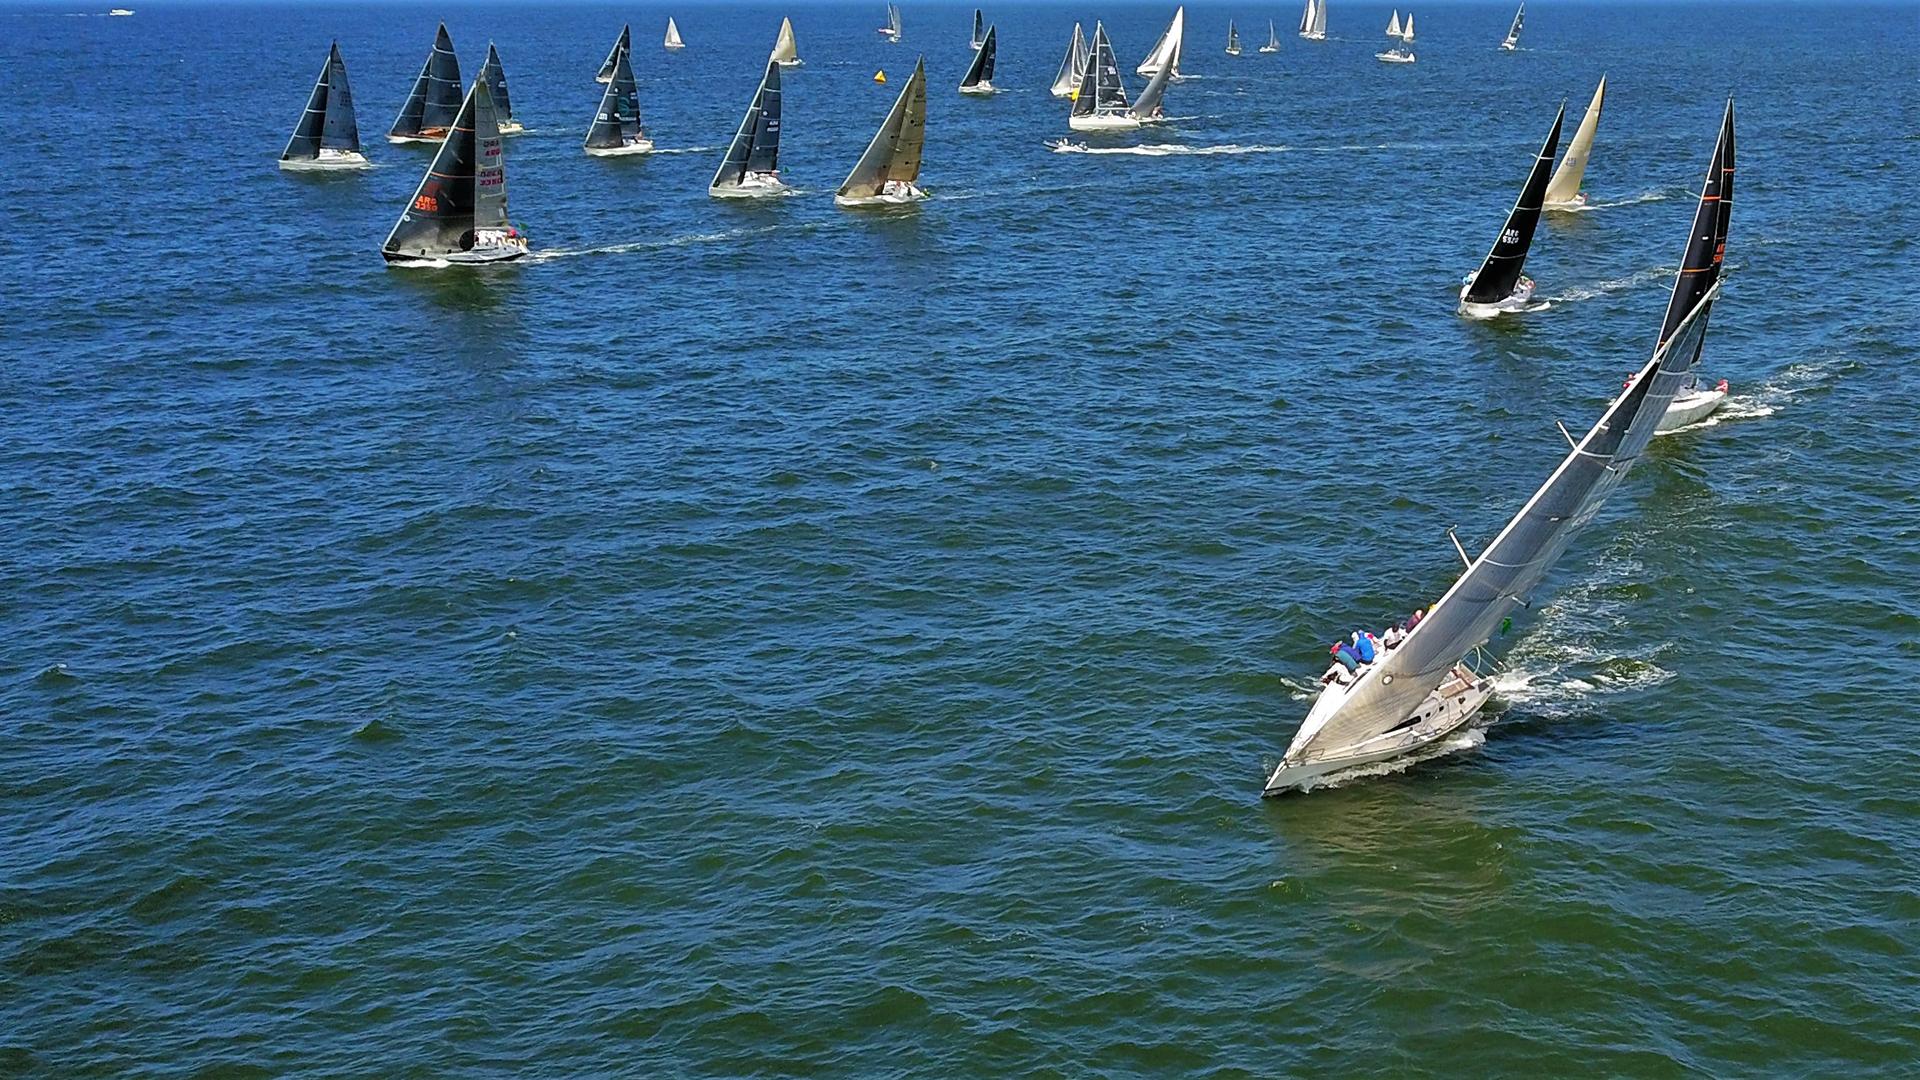 Mientras que en la categoría Clase J70, el primer puesto en la competición de la vuelta a la Isla Gorriti, el barco argentino Sietecerosiete, seguido del velero uruguayo Pura Joda y el velero argentino Negroni (Fotos Marcelo Umpiérrez)